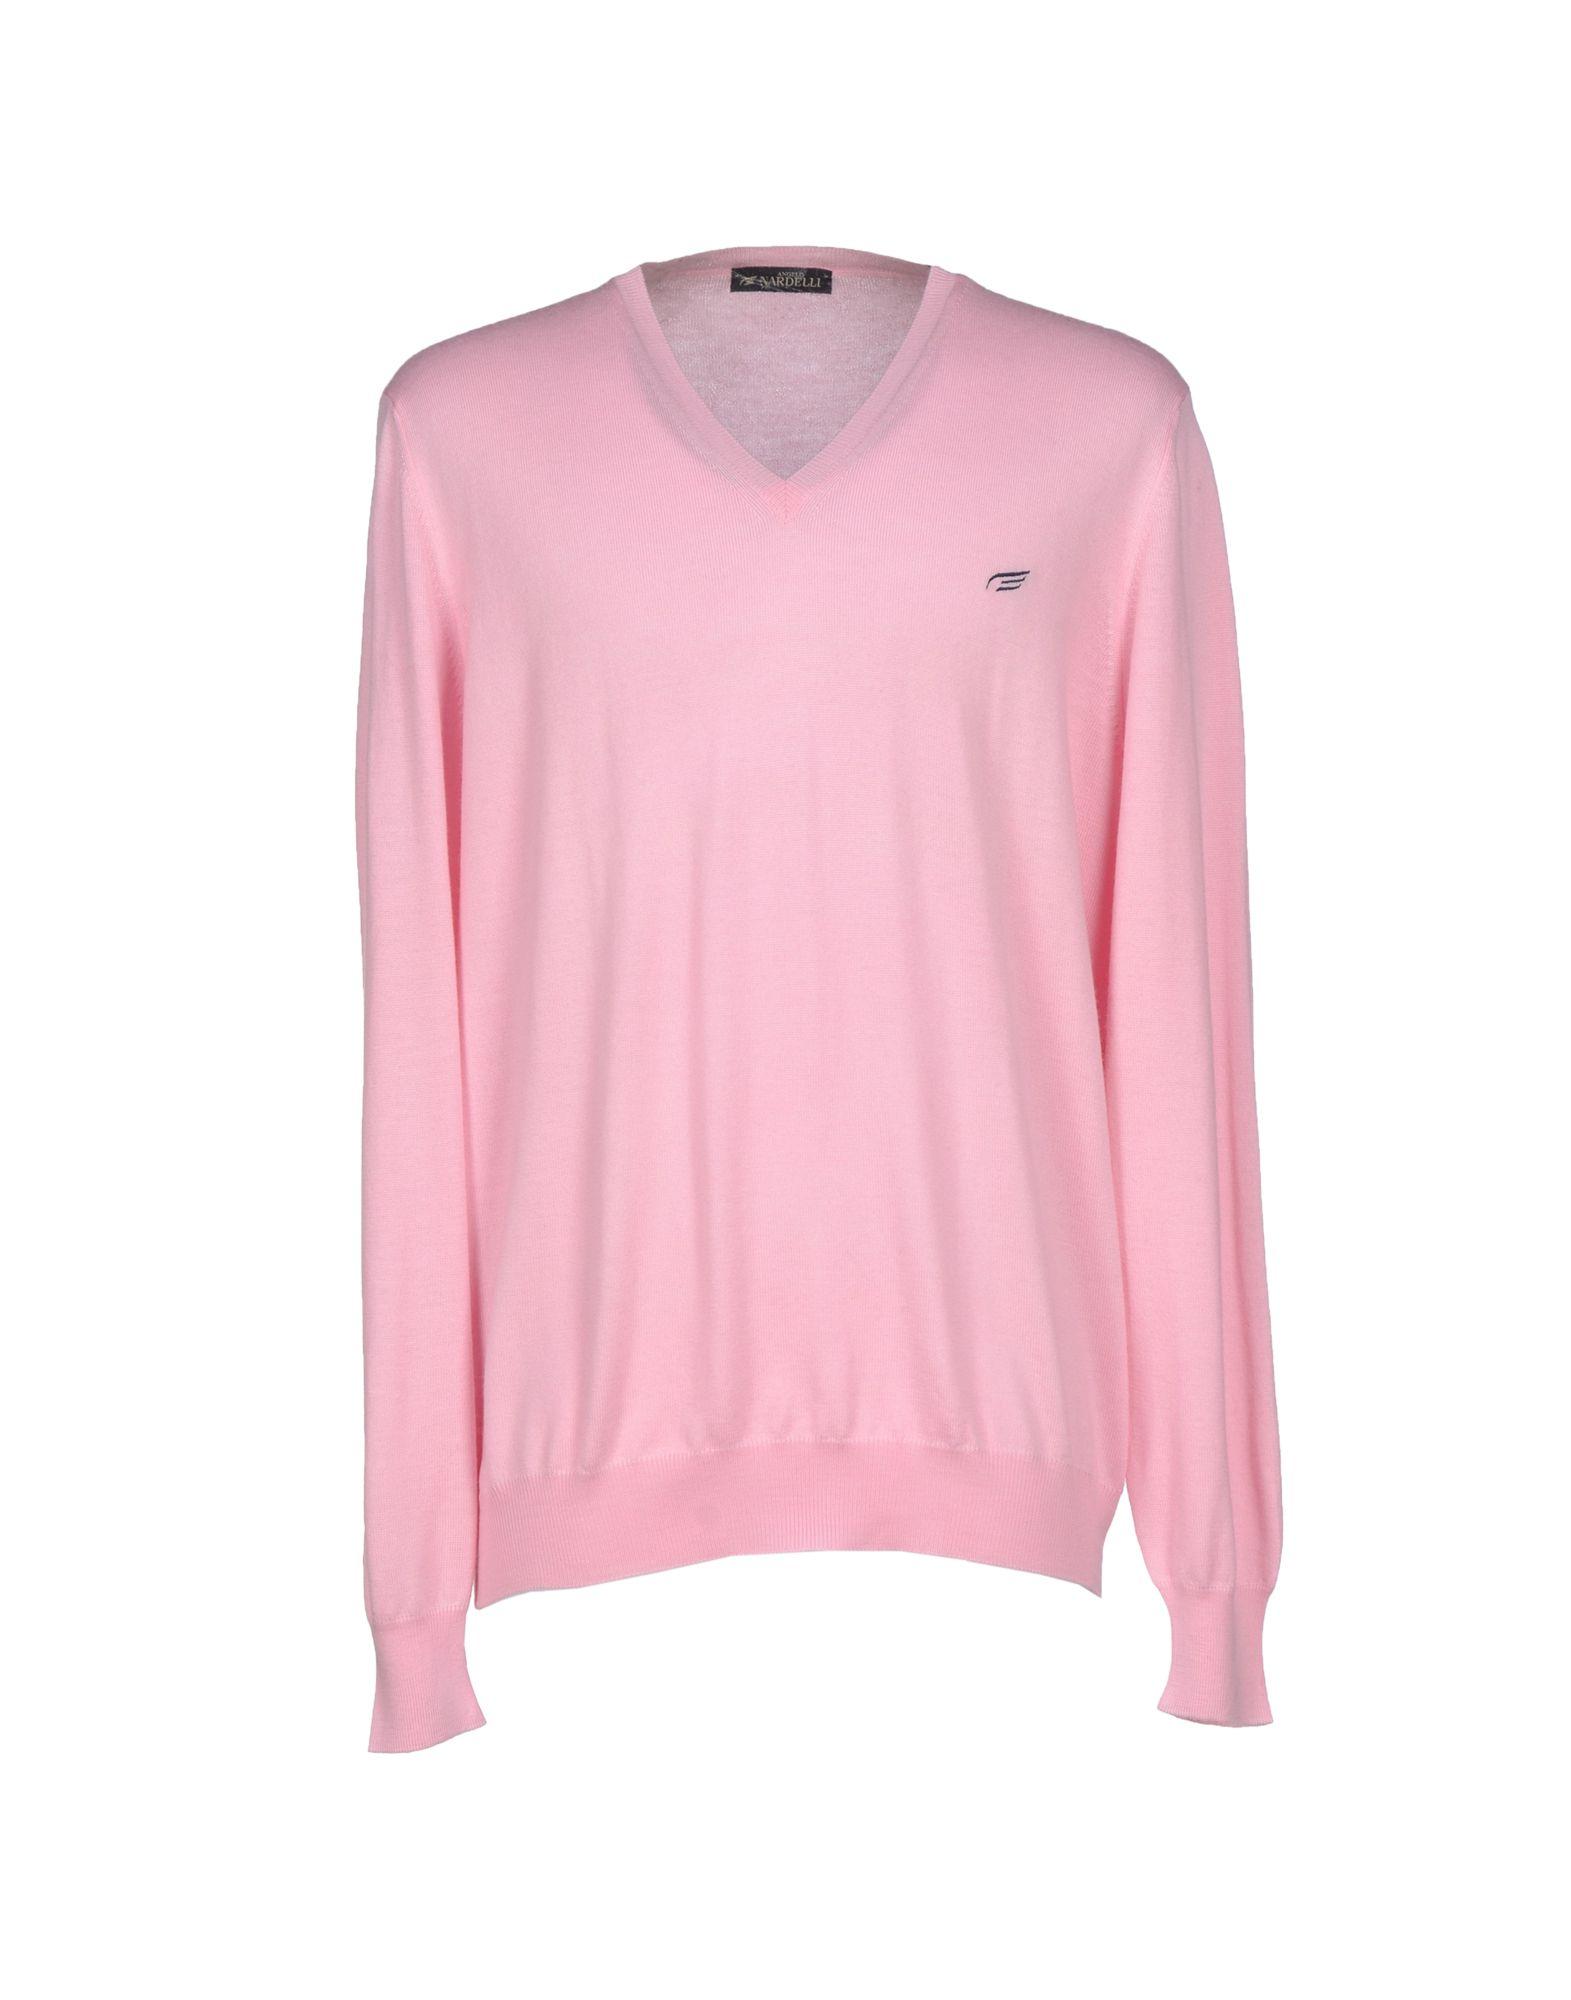 Angelo nardelli Jumper in Pink for Men